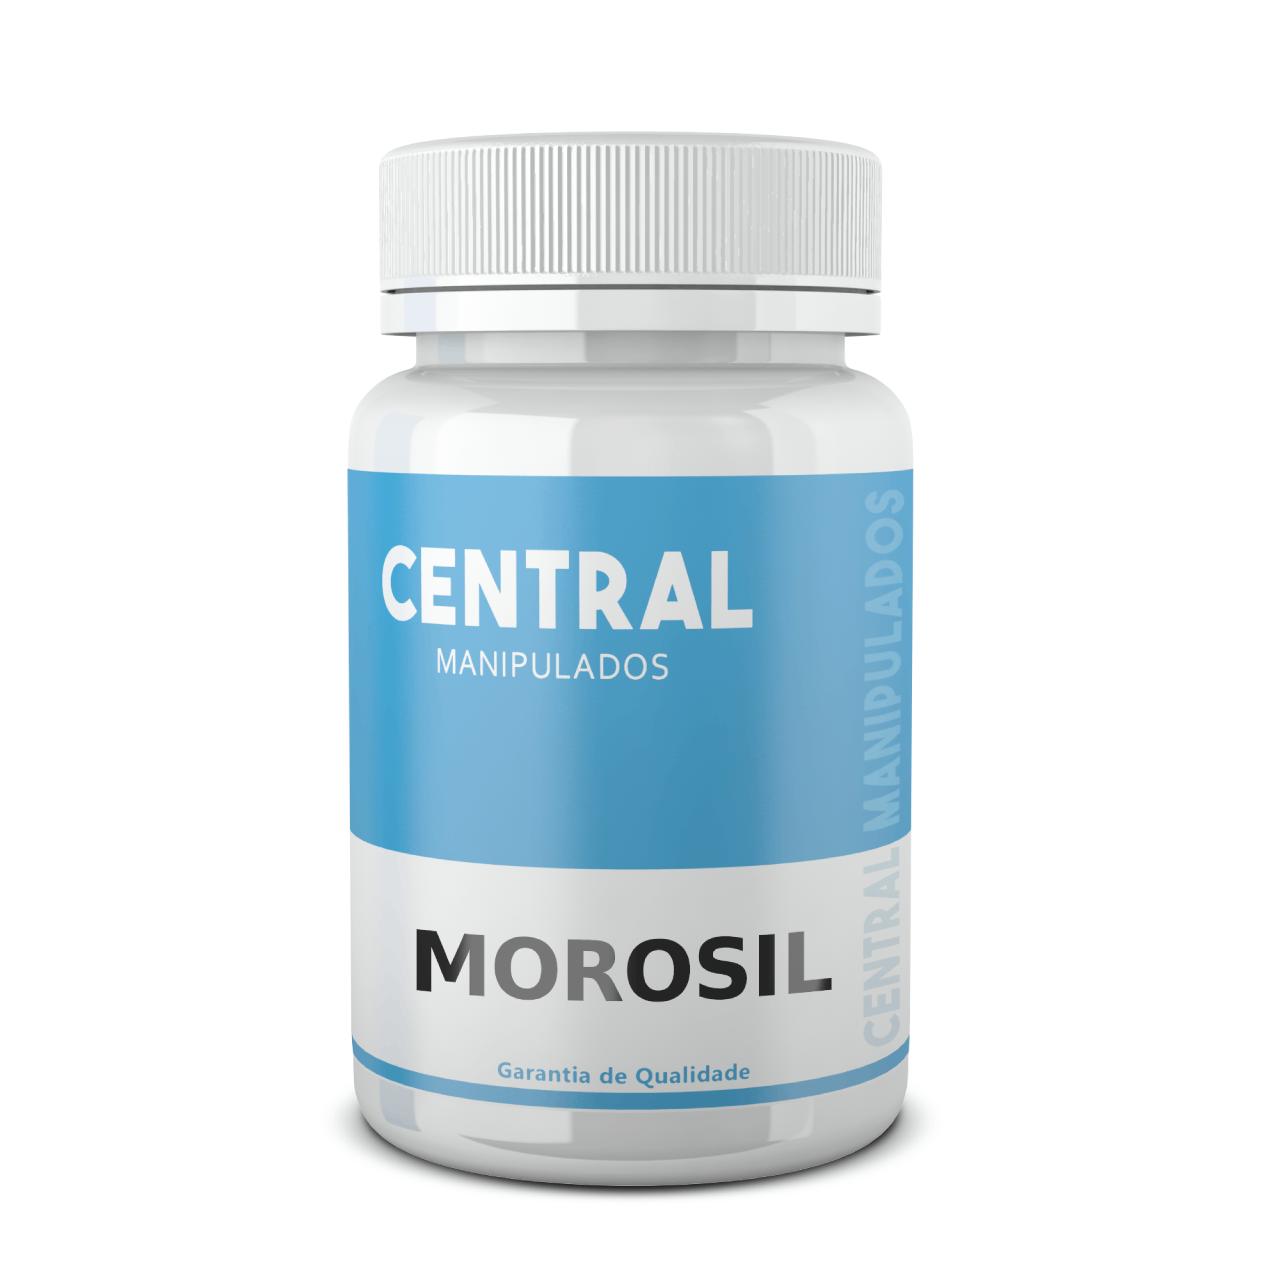 Morosil® (ORIGINAL GALENA) 500mg - 60 cápsulas - Auxílio na Redução de Medidas e Gerenciamento do Peso